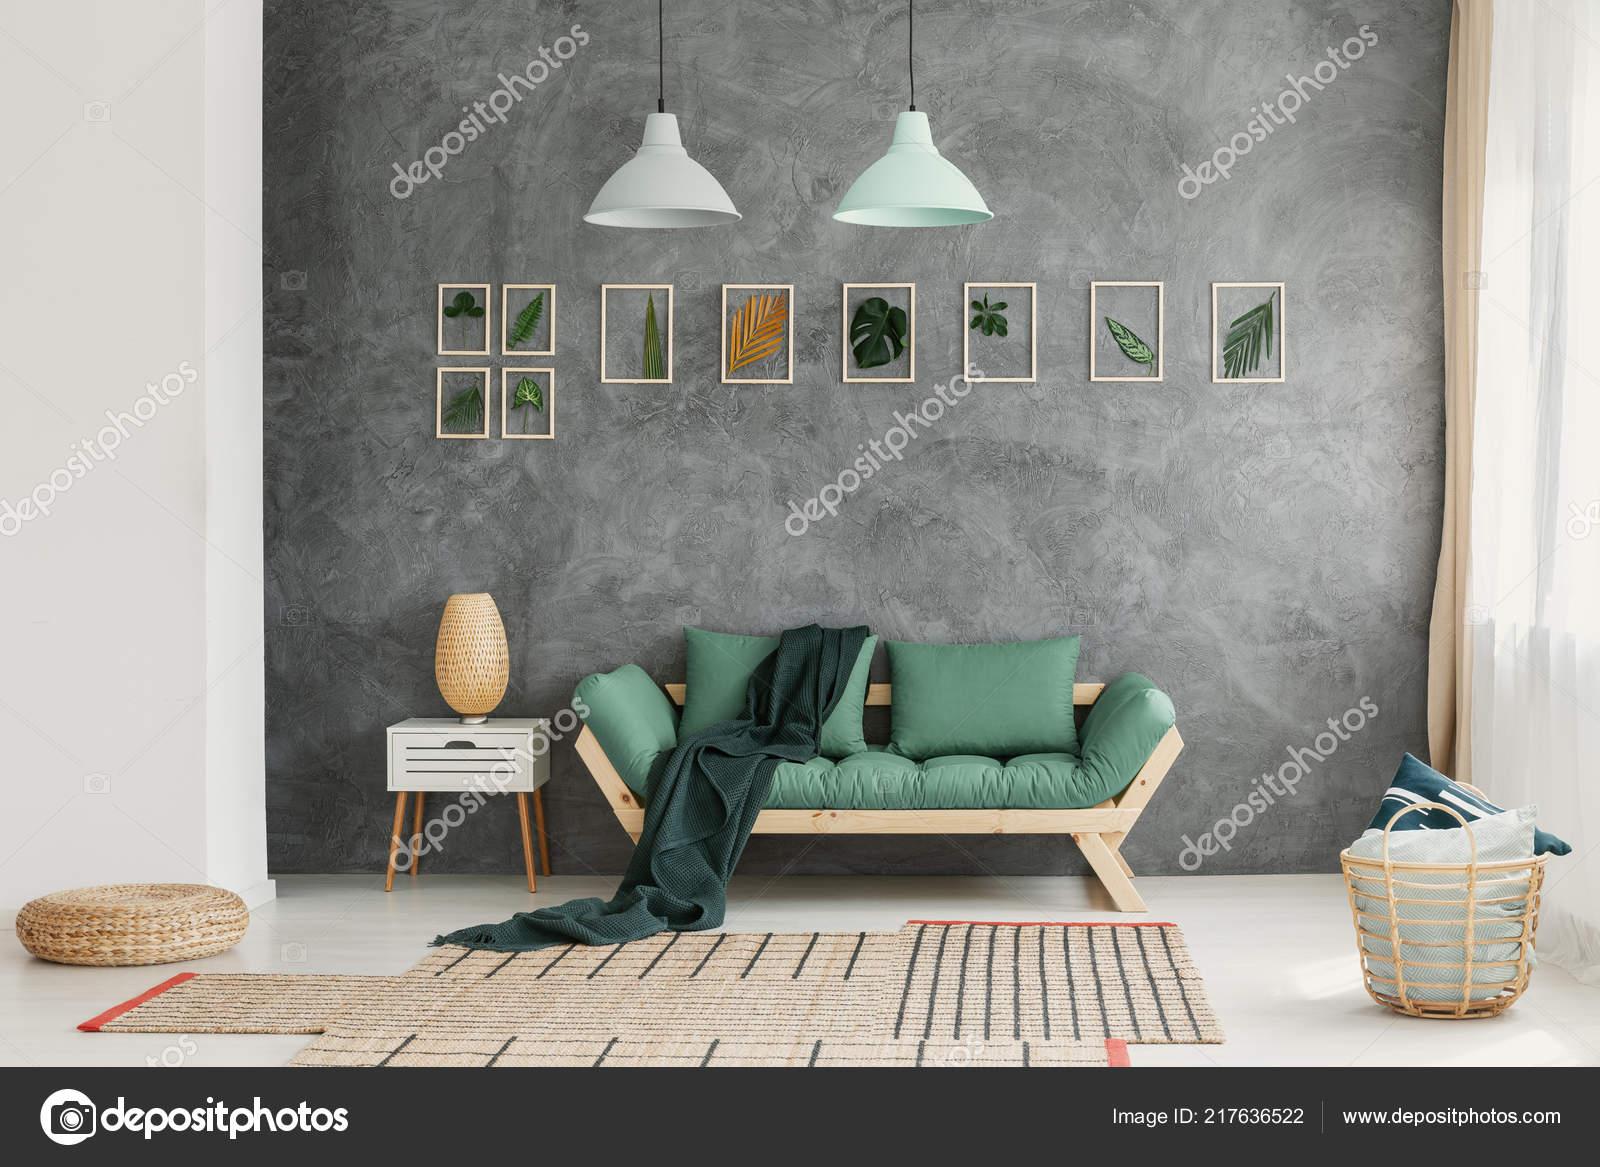 Plafoniere Con Legno : Stile industriale plafoniere mobili legno scandinavo interno